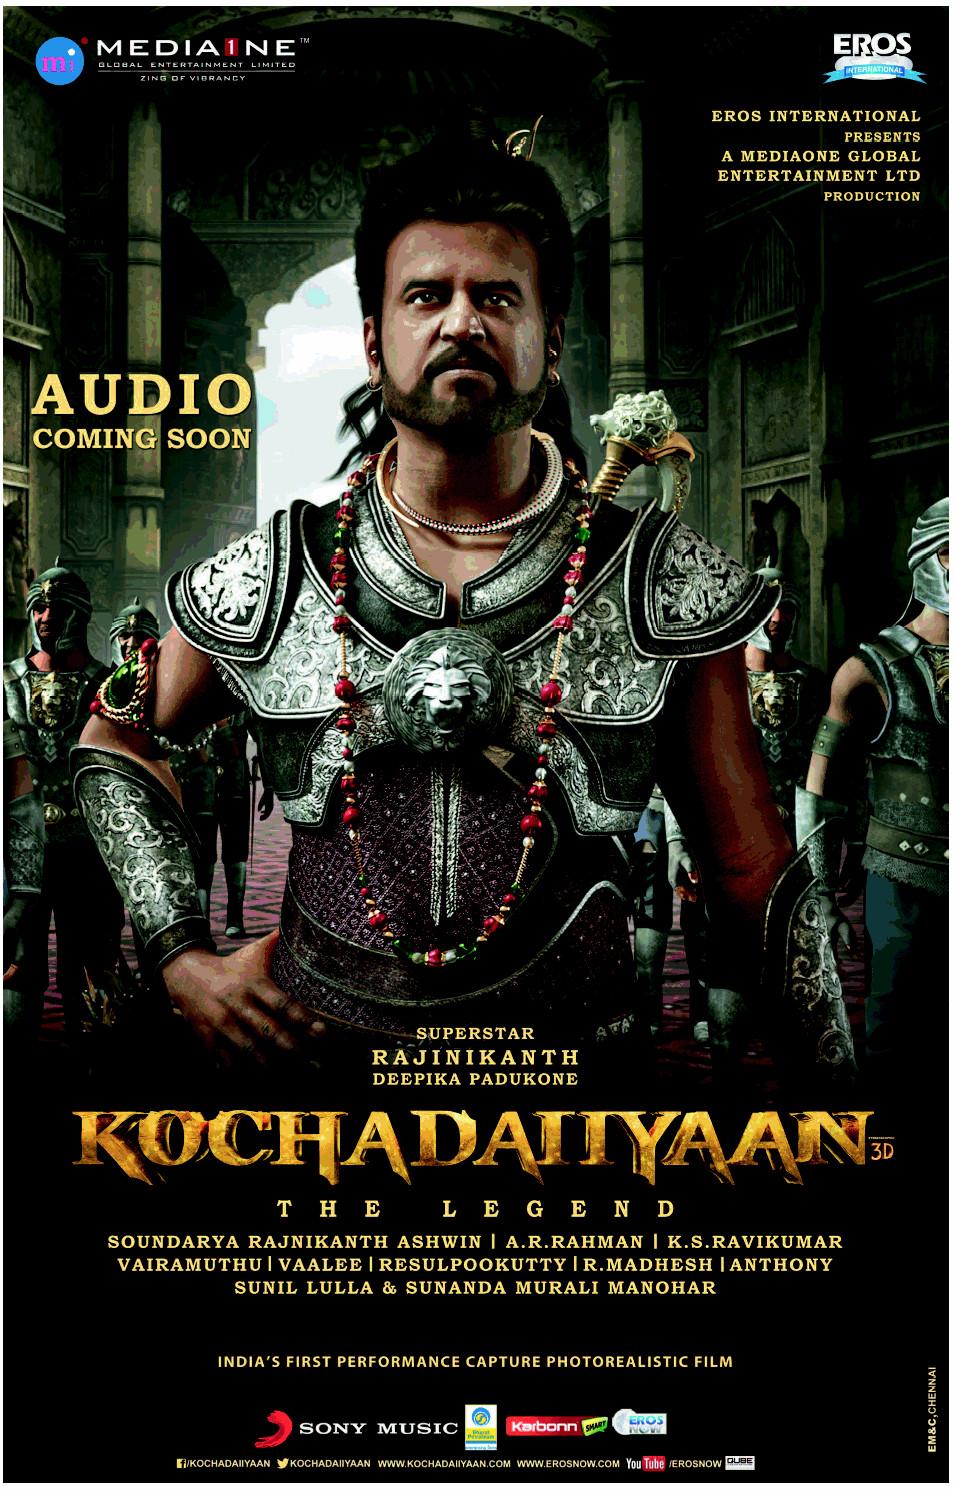 Kochadaiyaan movie audio coming soon posters gallery view